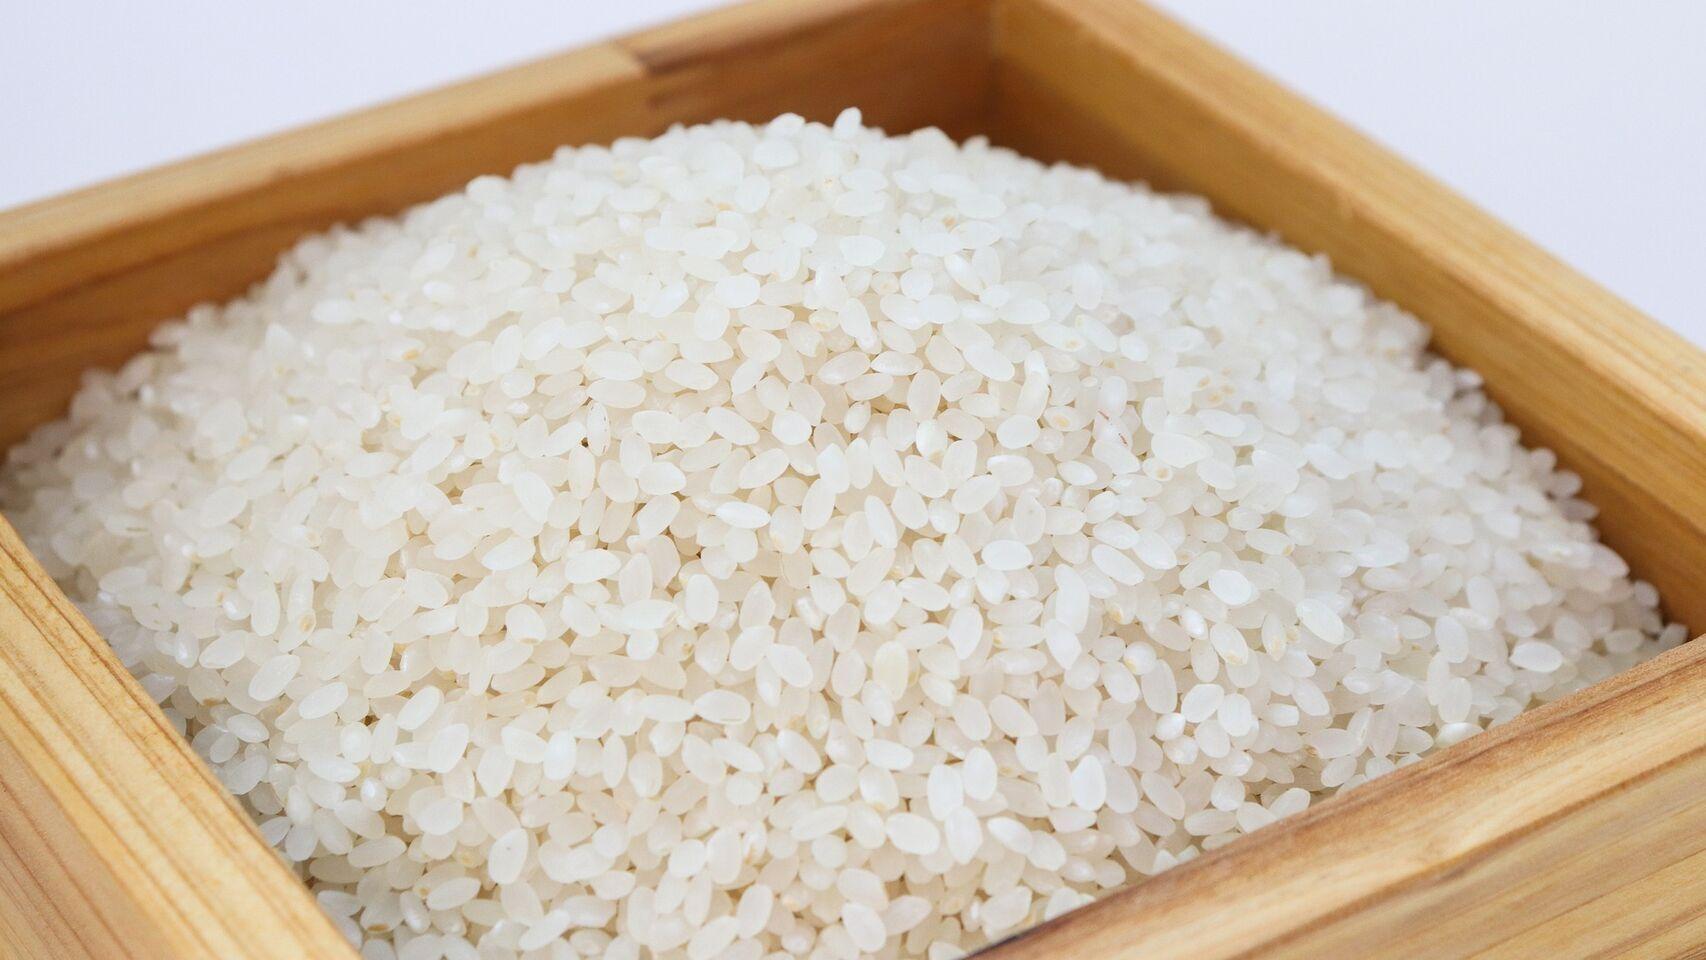 Una caja de madera con arroz crudo.